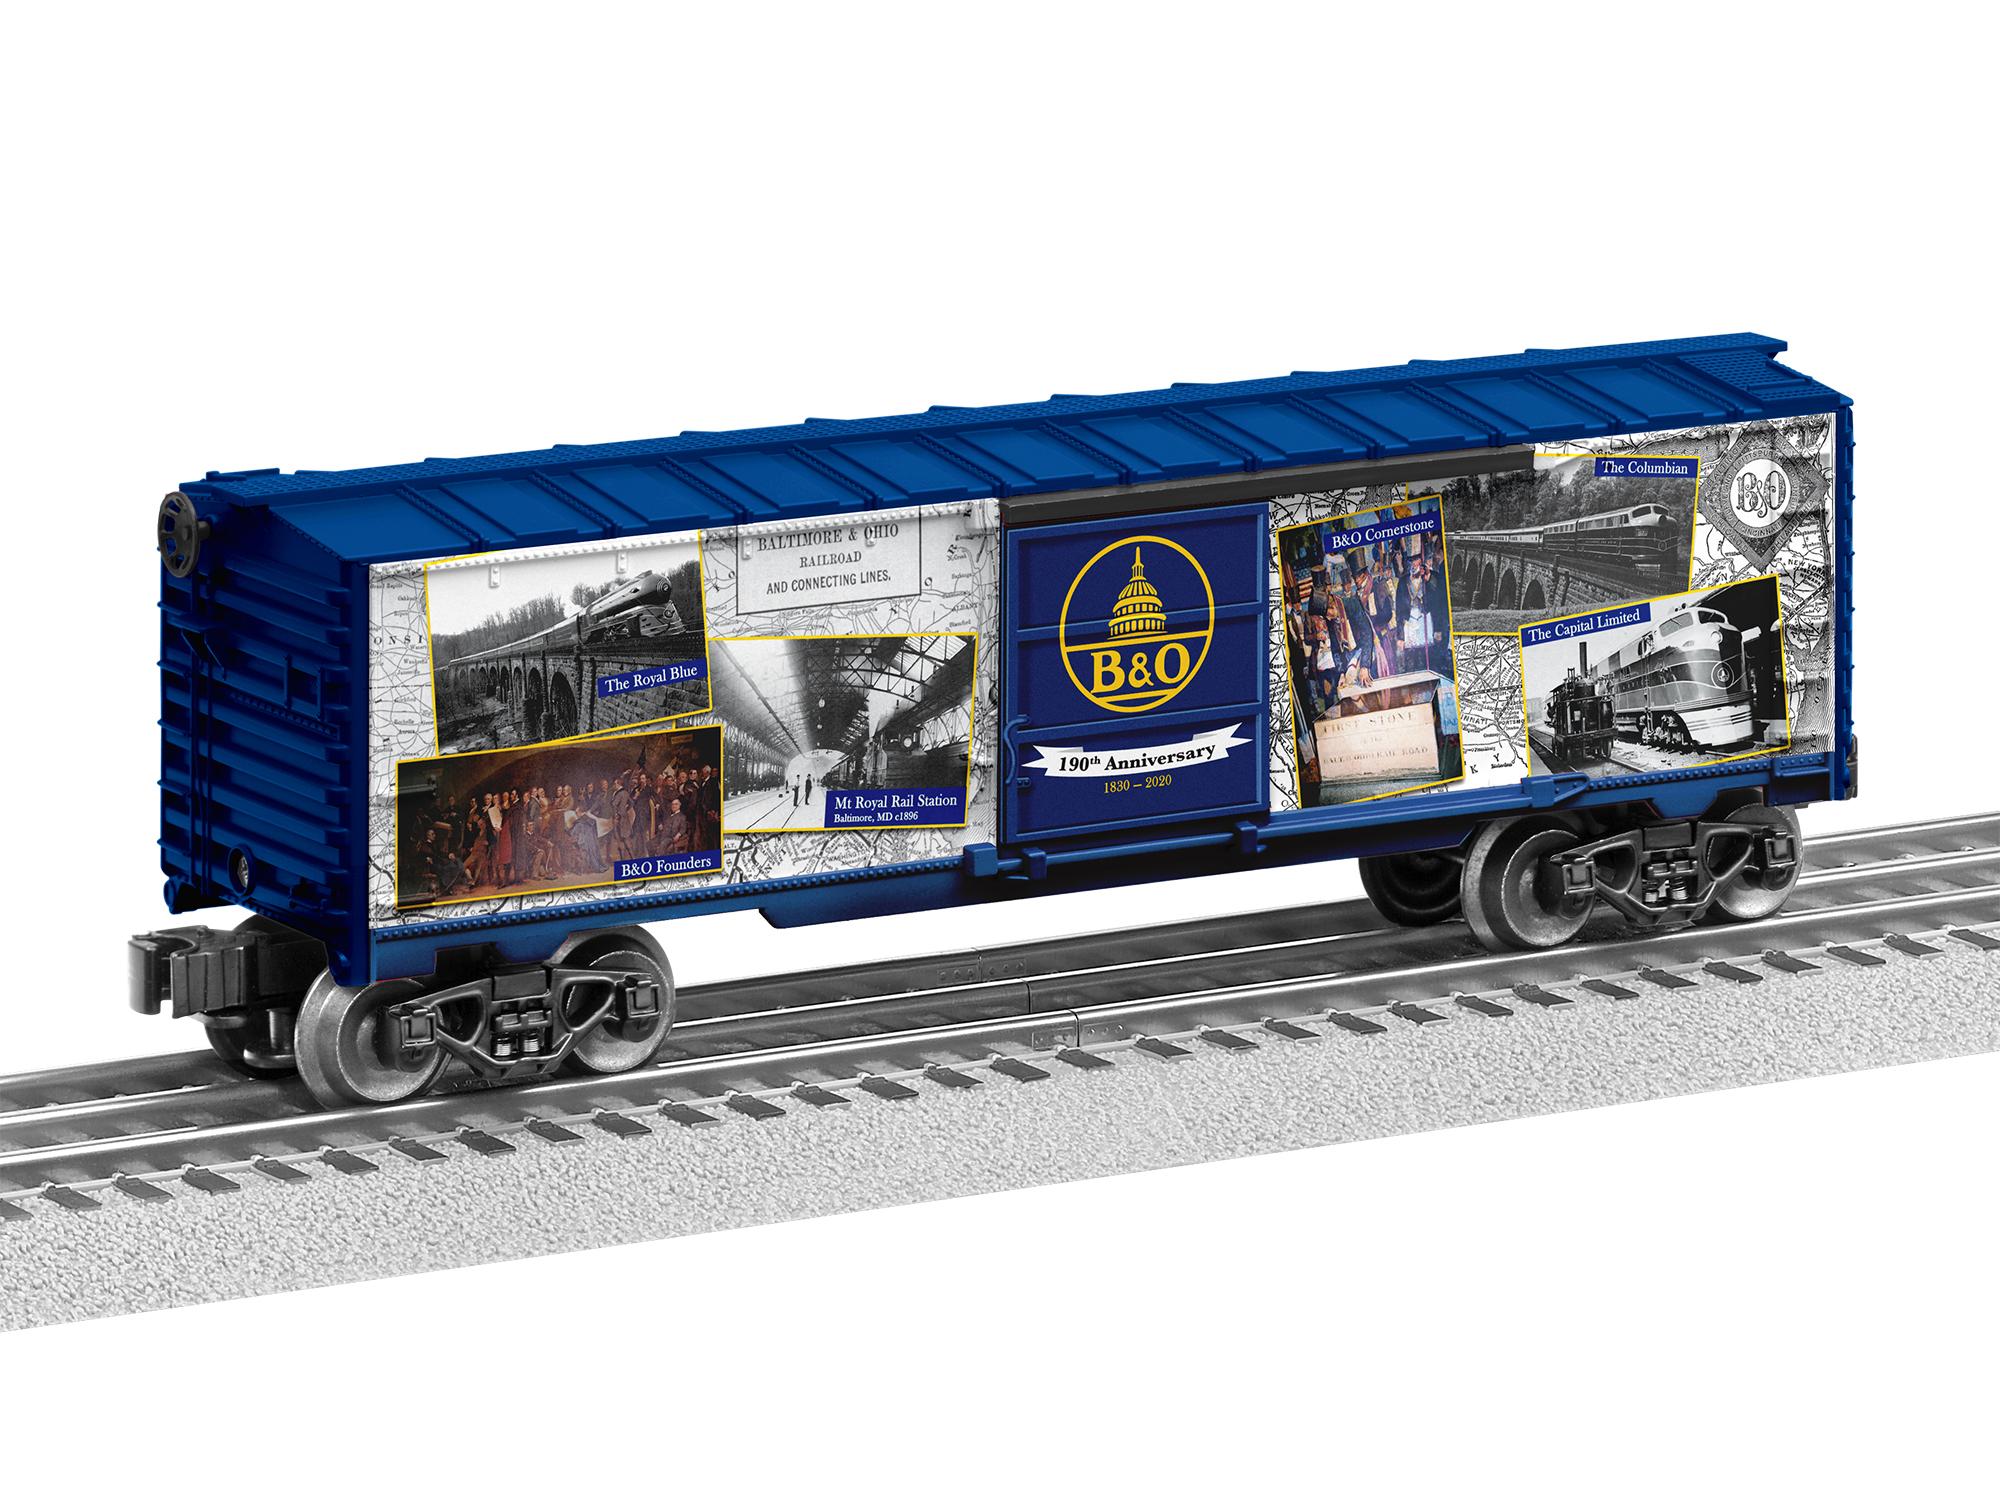 Lionel 2038010 O Boxcar 3-Rail RTR Baltimore & Ohio Museum 190th Anniversary 434-2038010